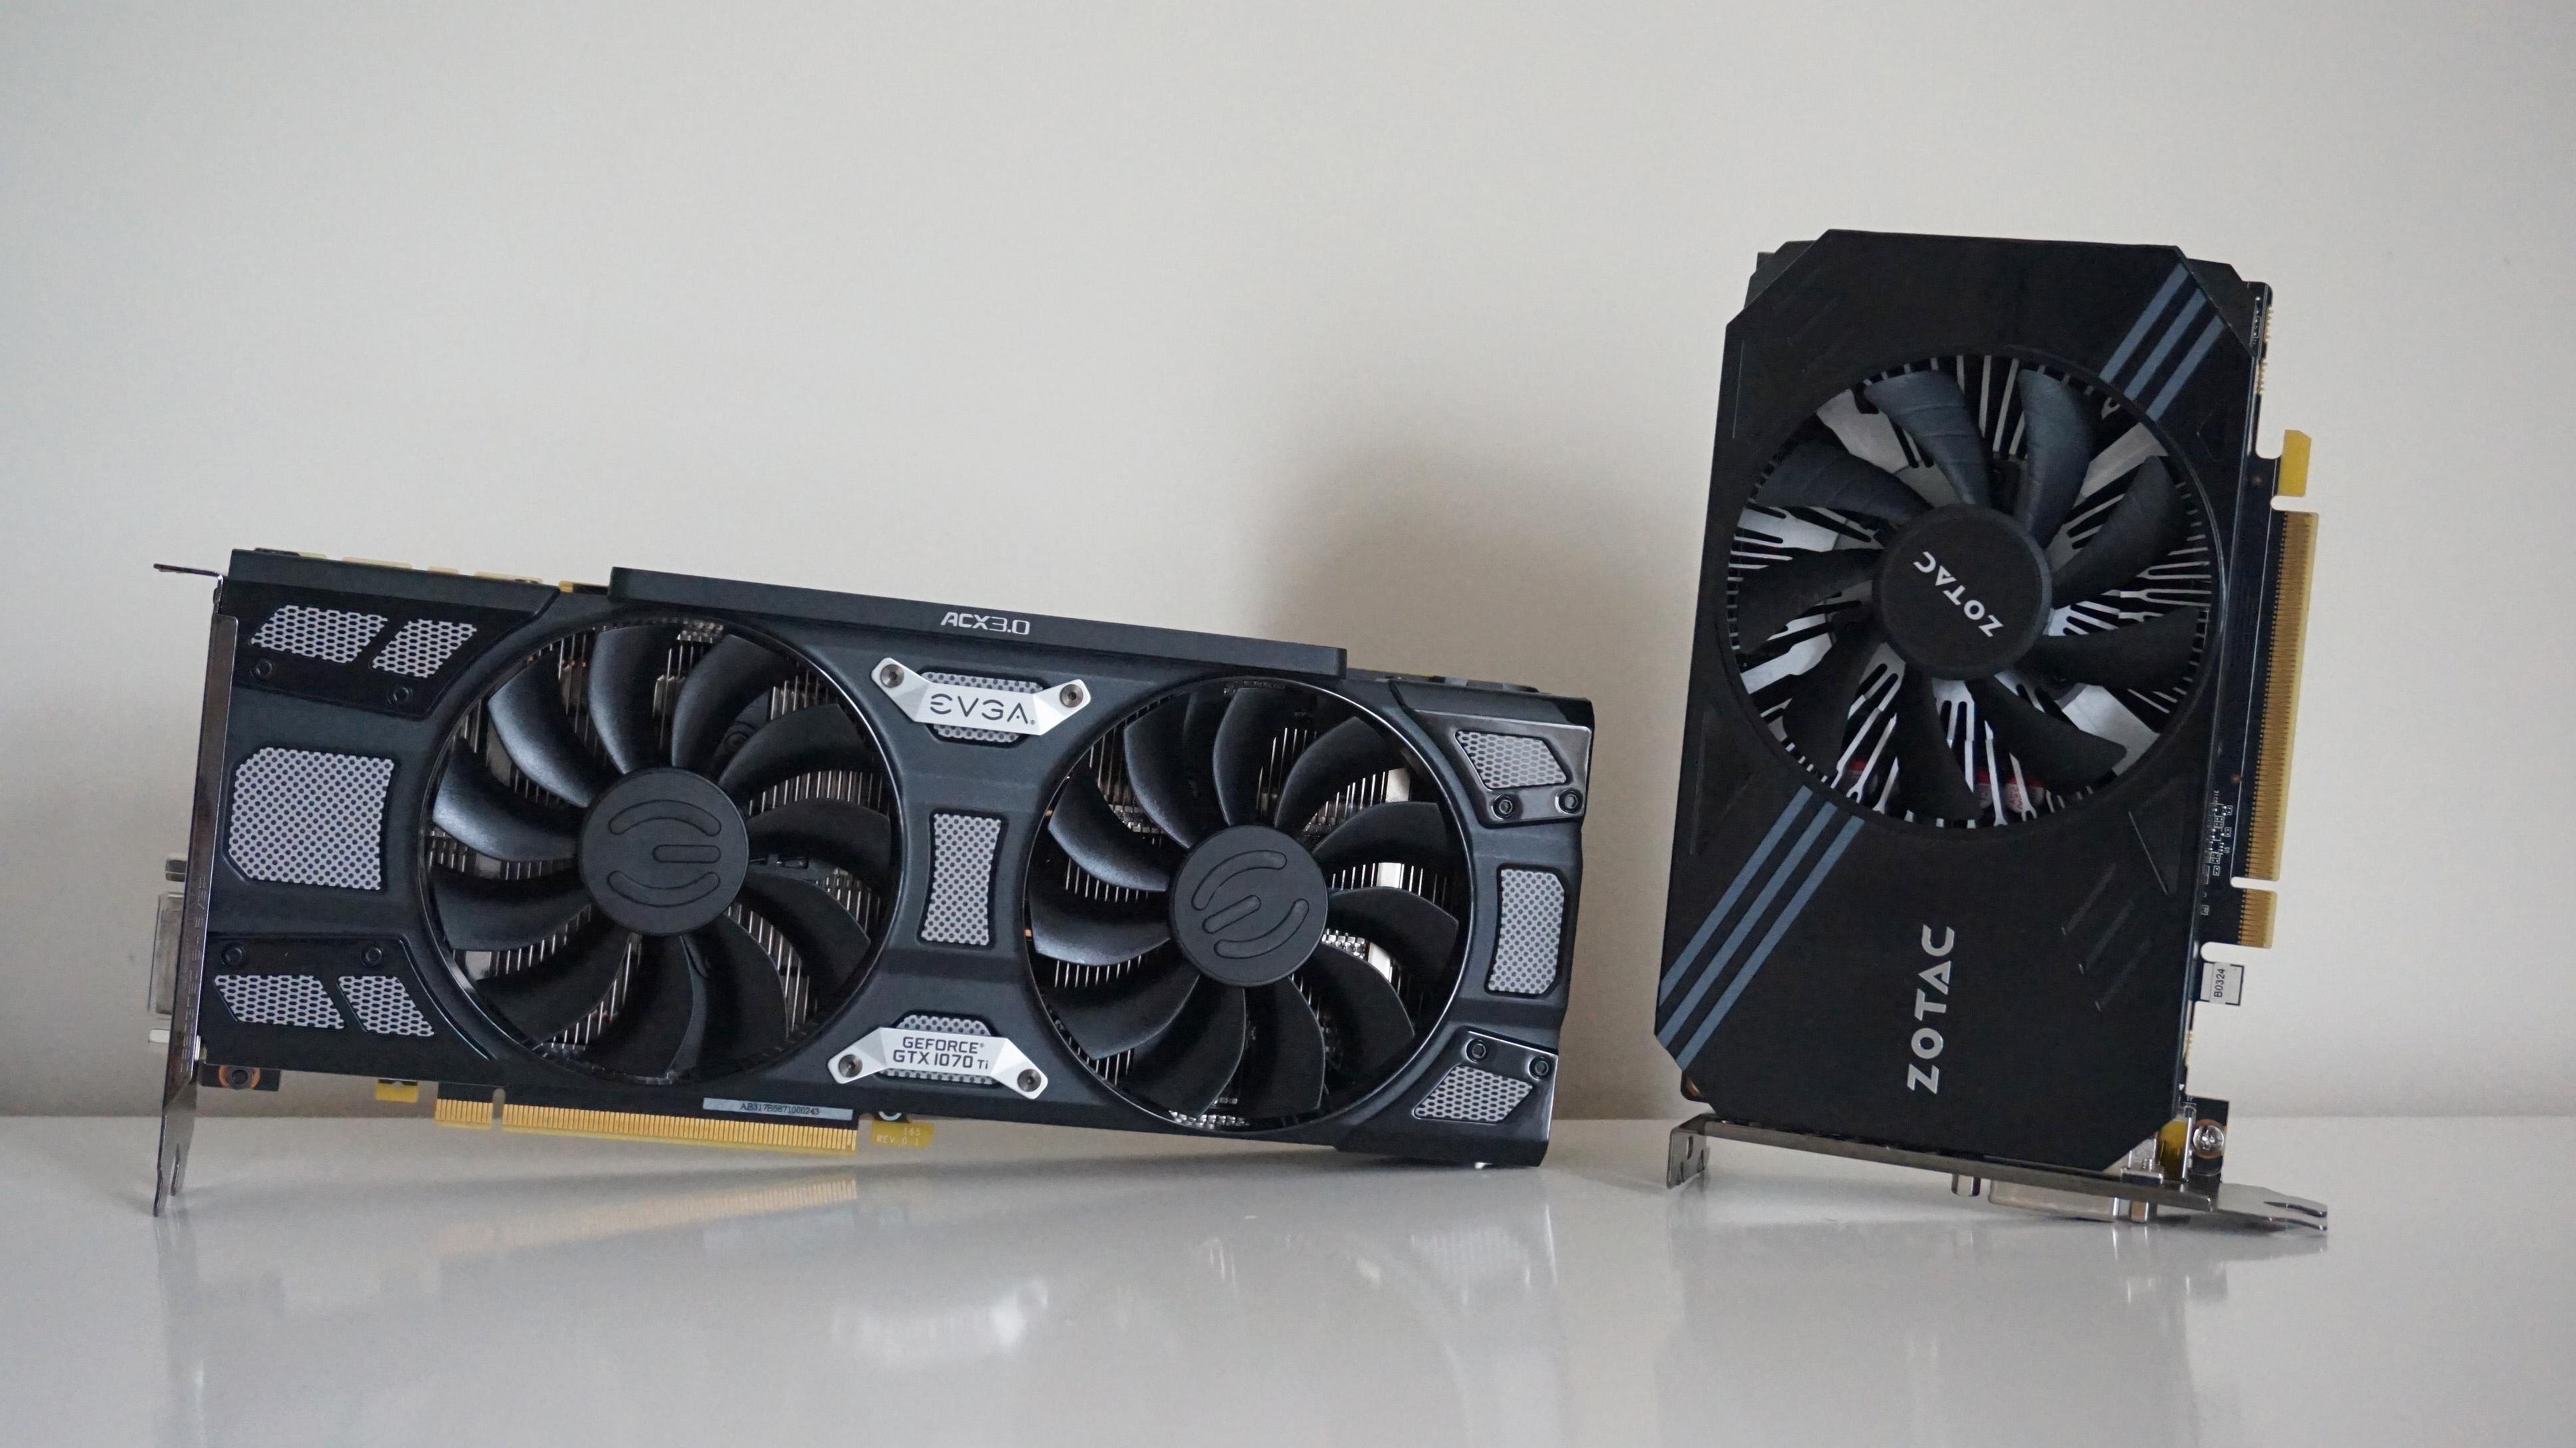 EVGA's GTX 1070Ti and Zotac's GTX 1060